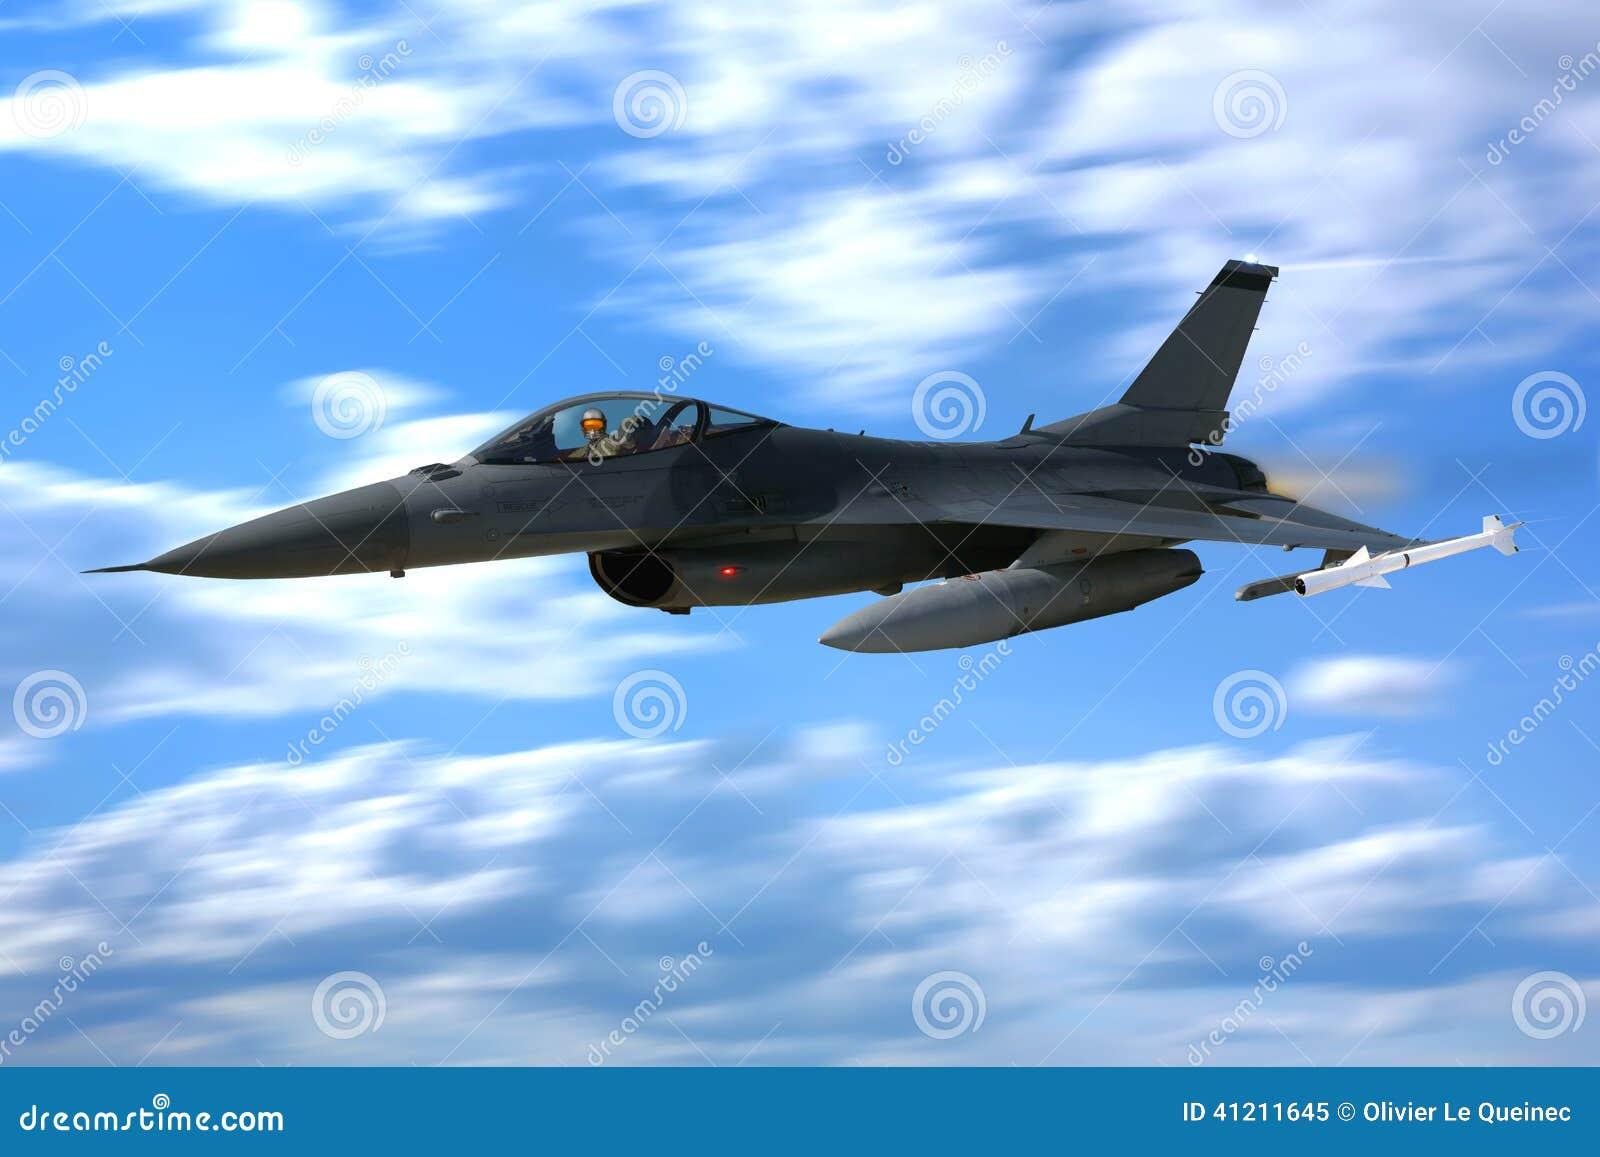 Aereo Da Caccia Falco : Combattente jet plane flying del falco di combattimento f